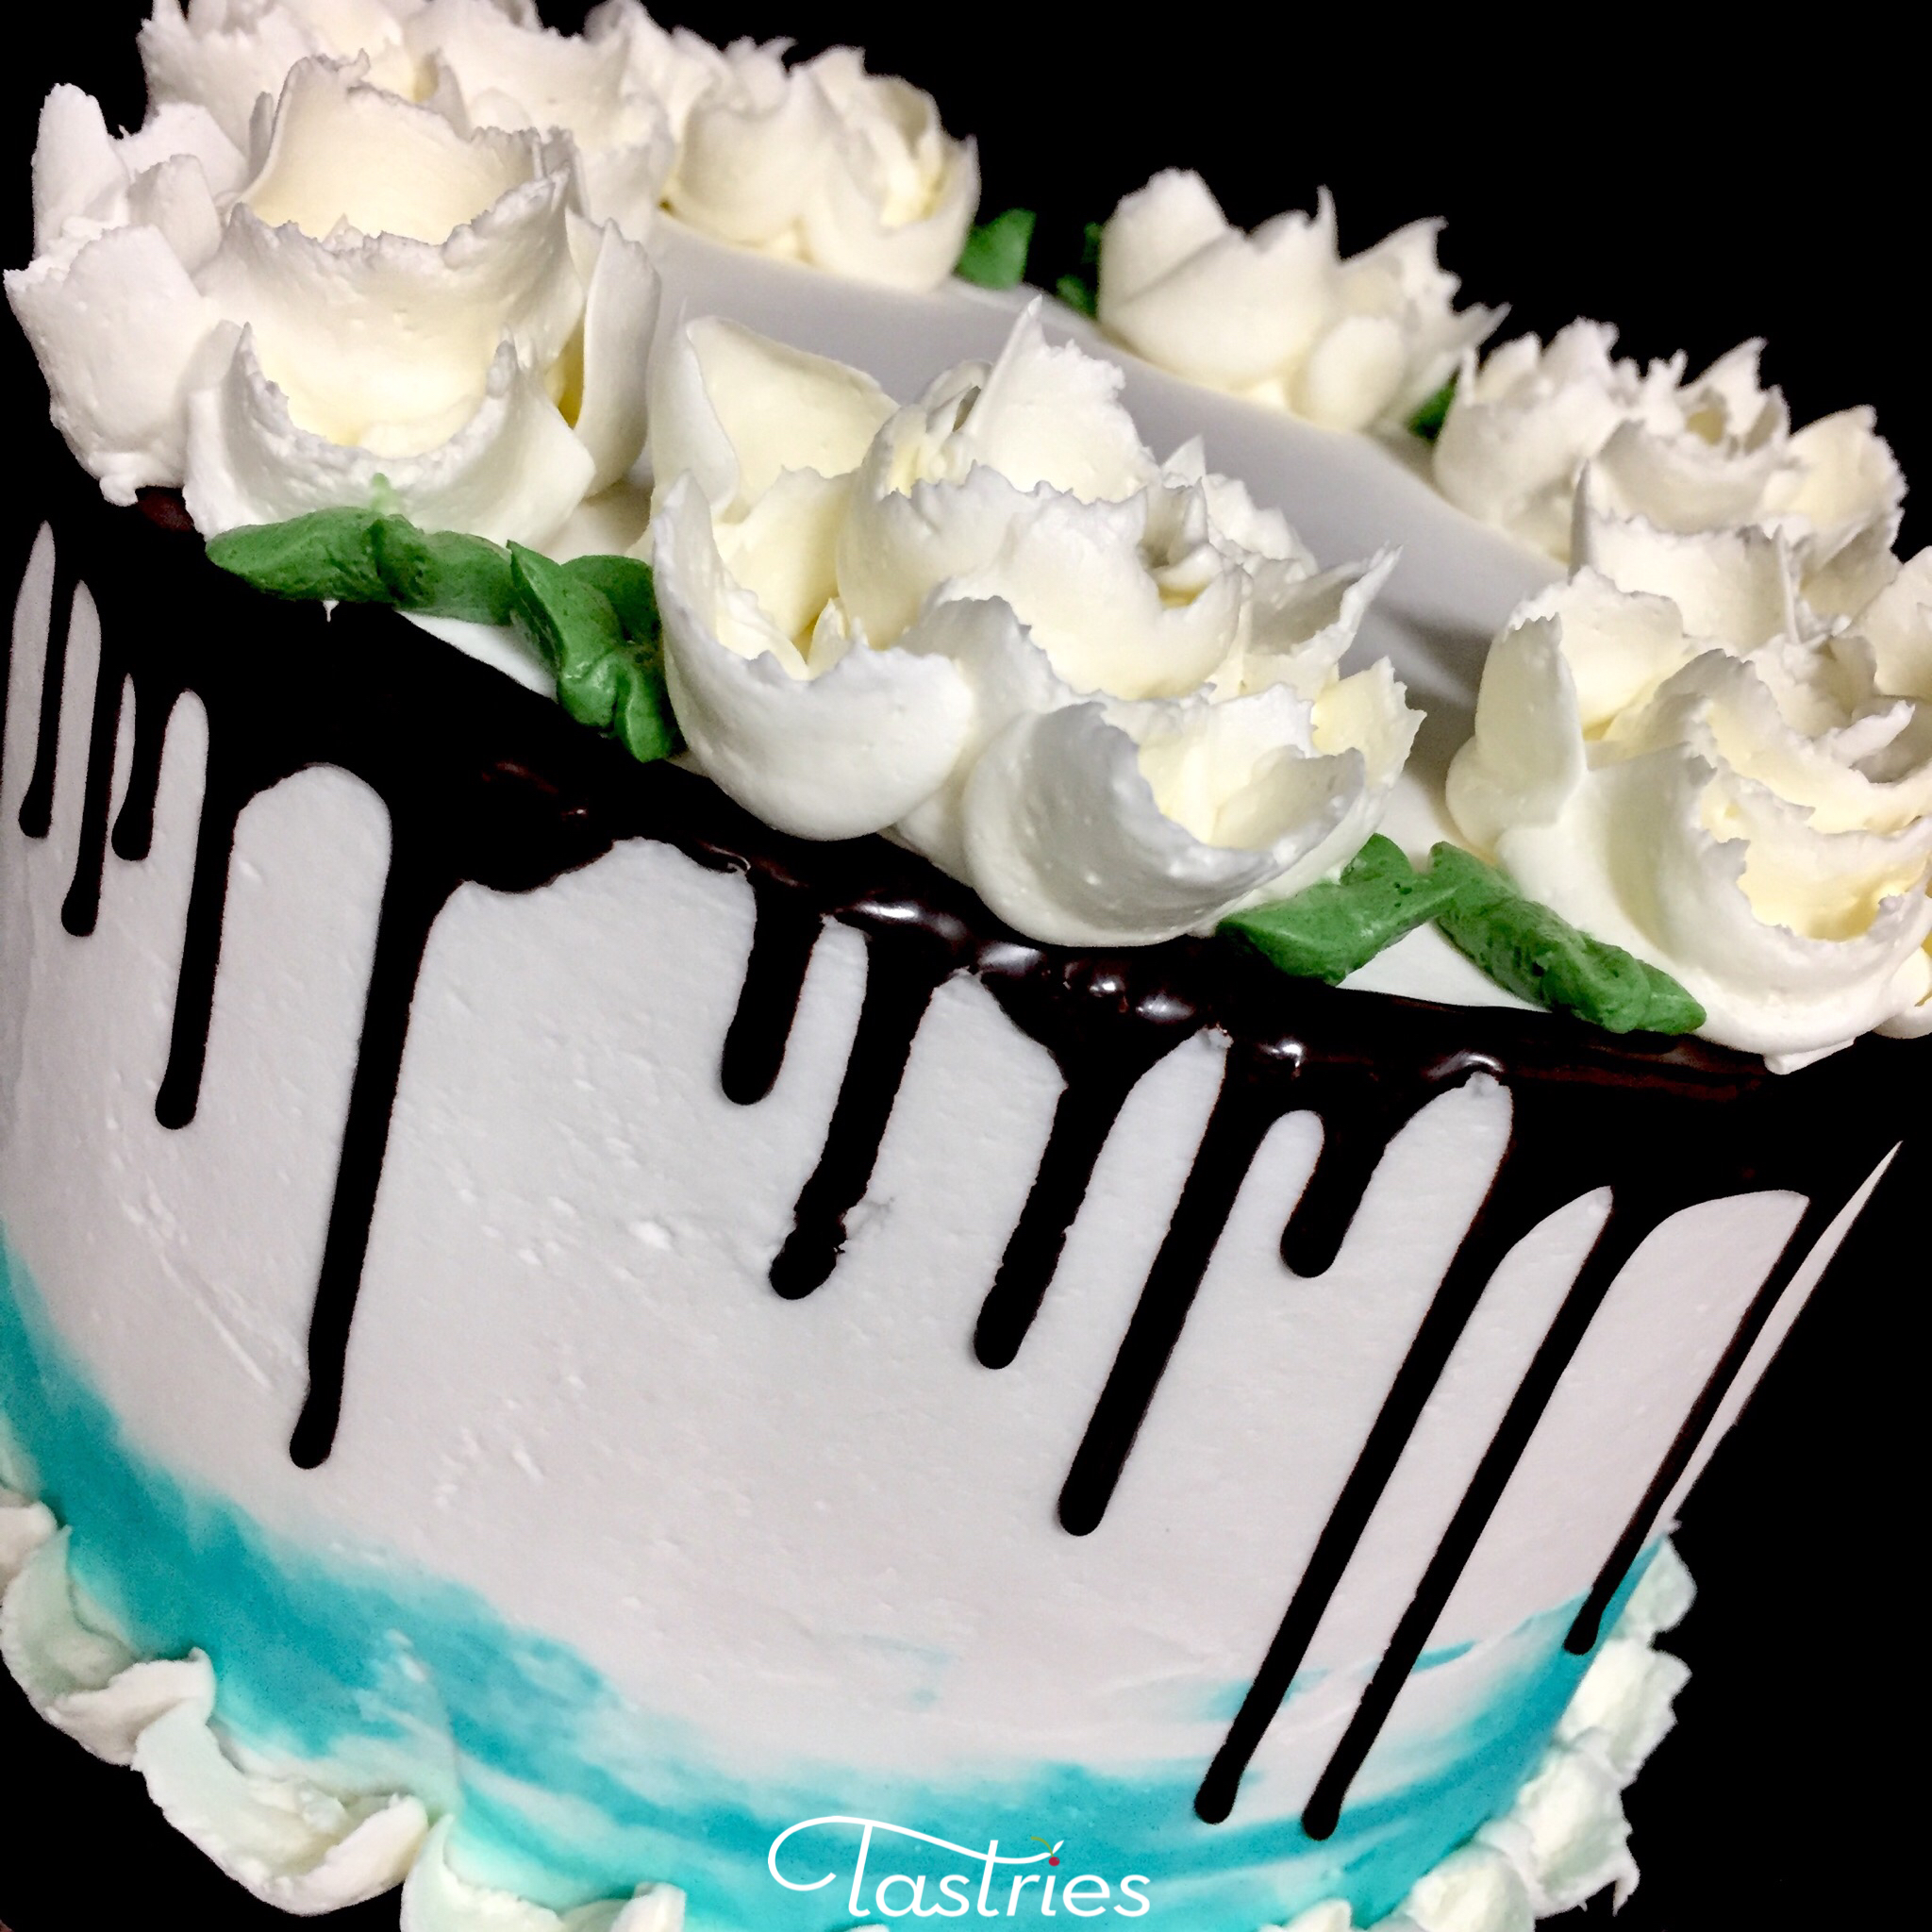 Dessert Cake, Tastries Bakery